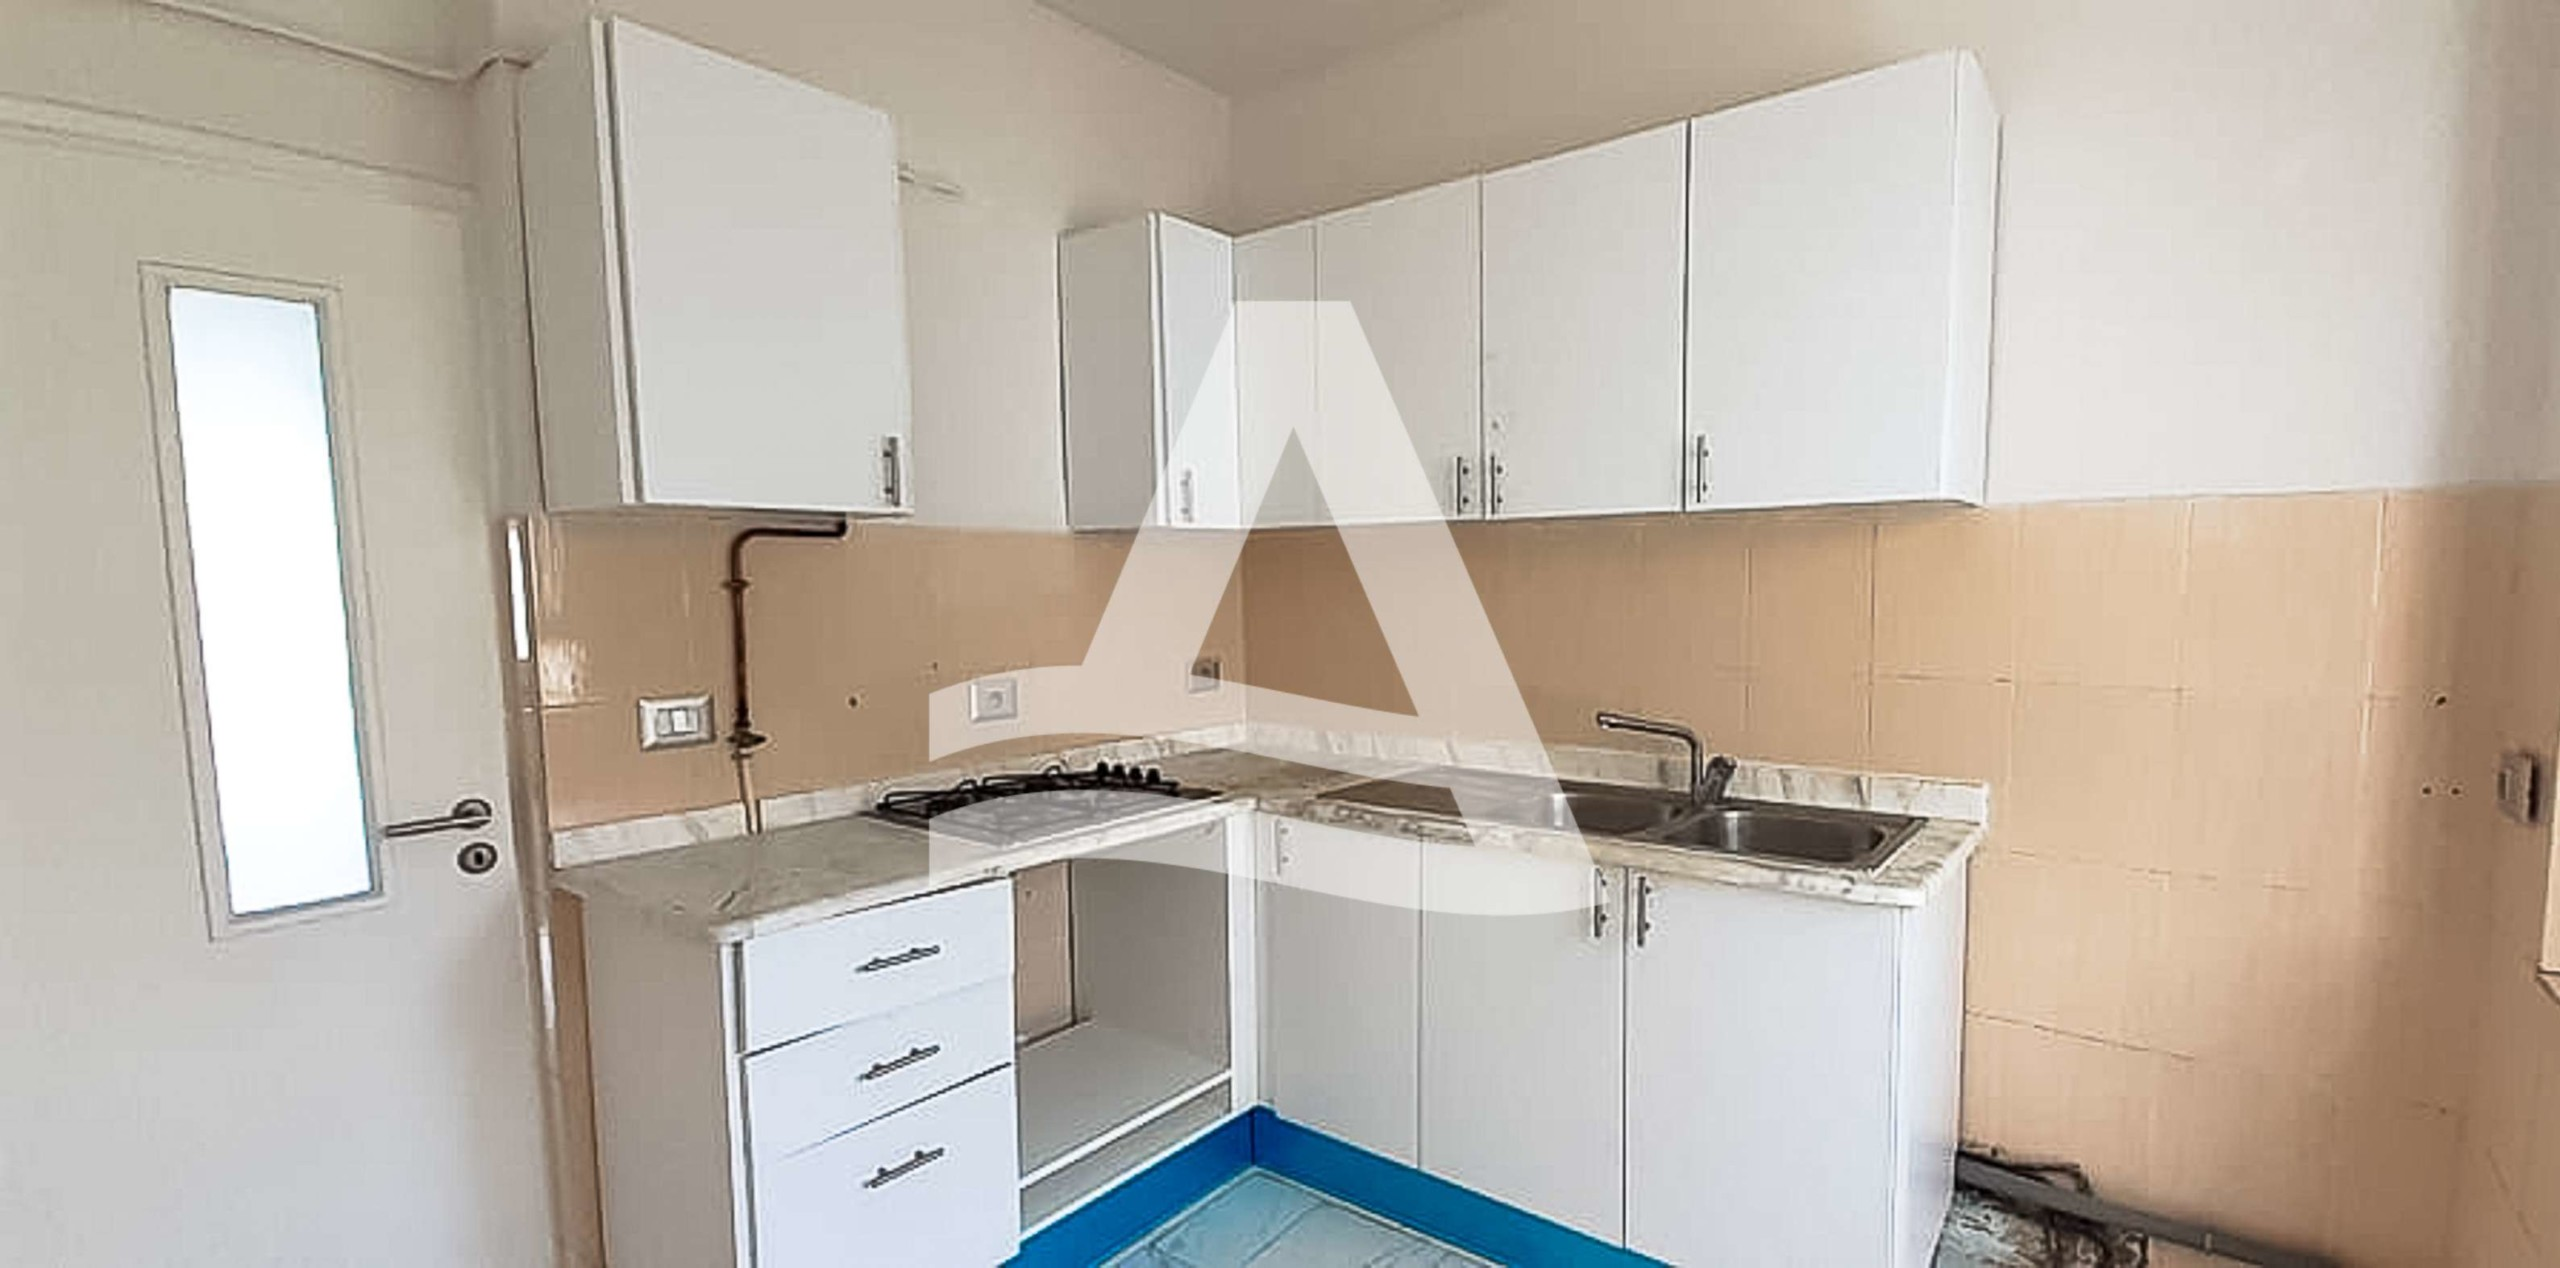 httpss3.amazonaws.comlogimoaws13426233651589016106_Arcane_immobilière_la_Marsa-_location_-_vente_la_marsa__-4